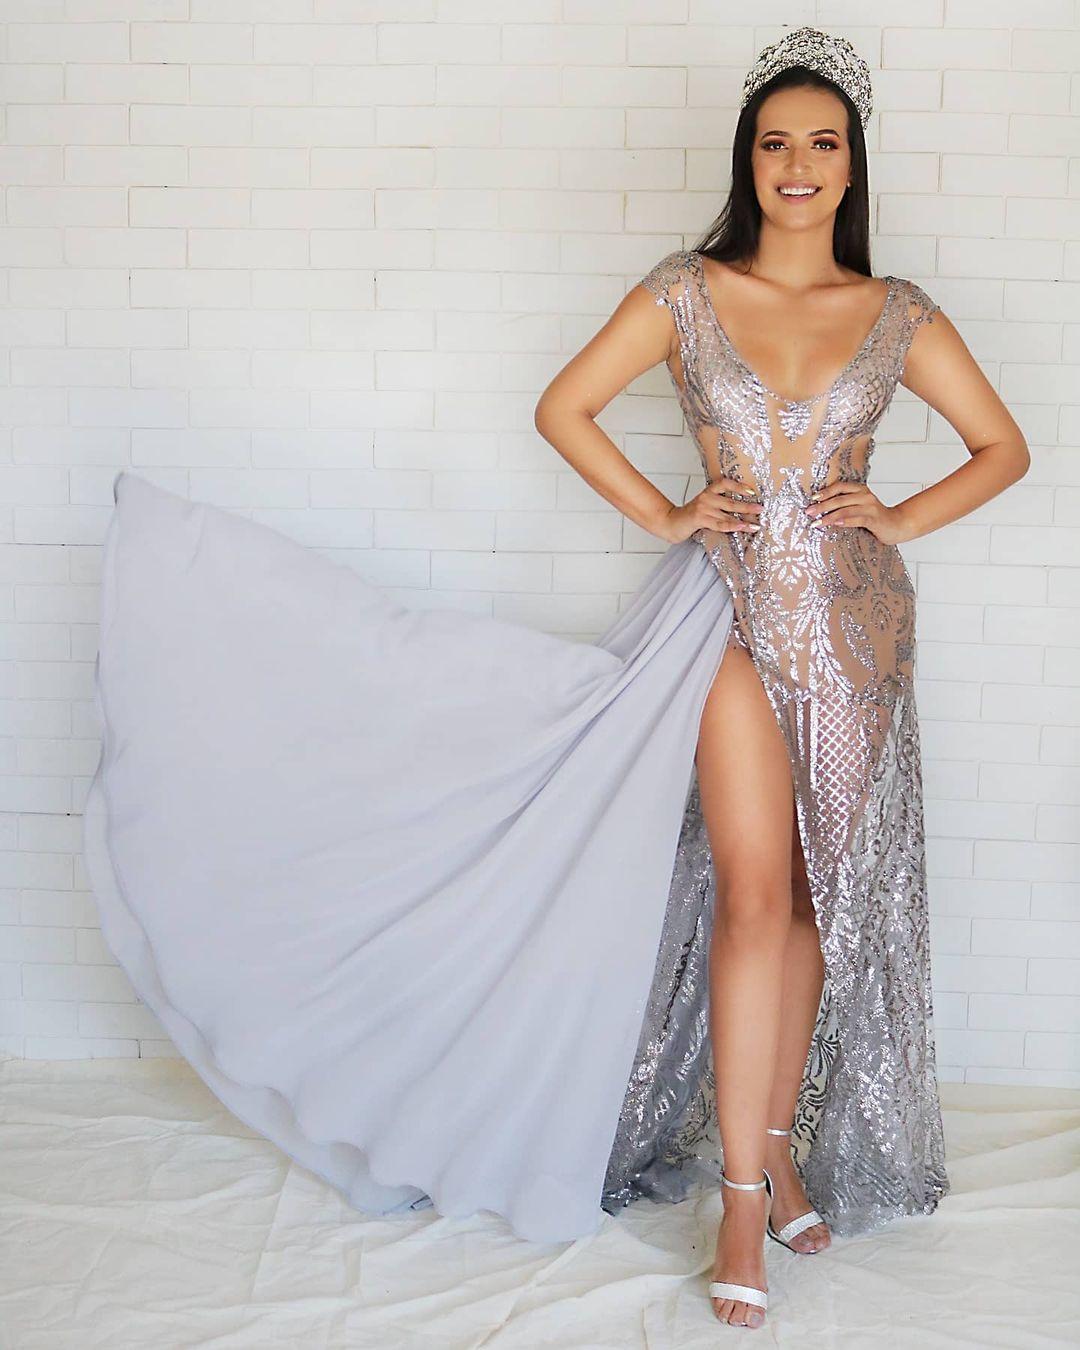 flavia polido, miss supranational abcd 2020/miss brasil intercontinental 2018-2019. - Página 9 Flavia41